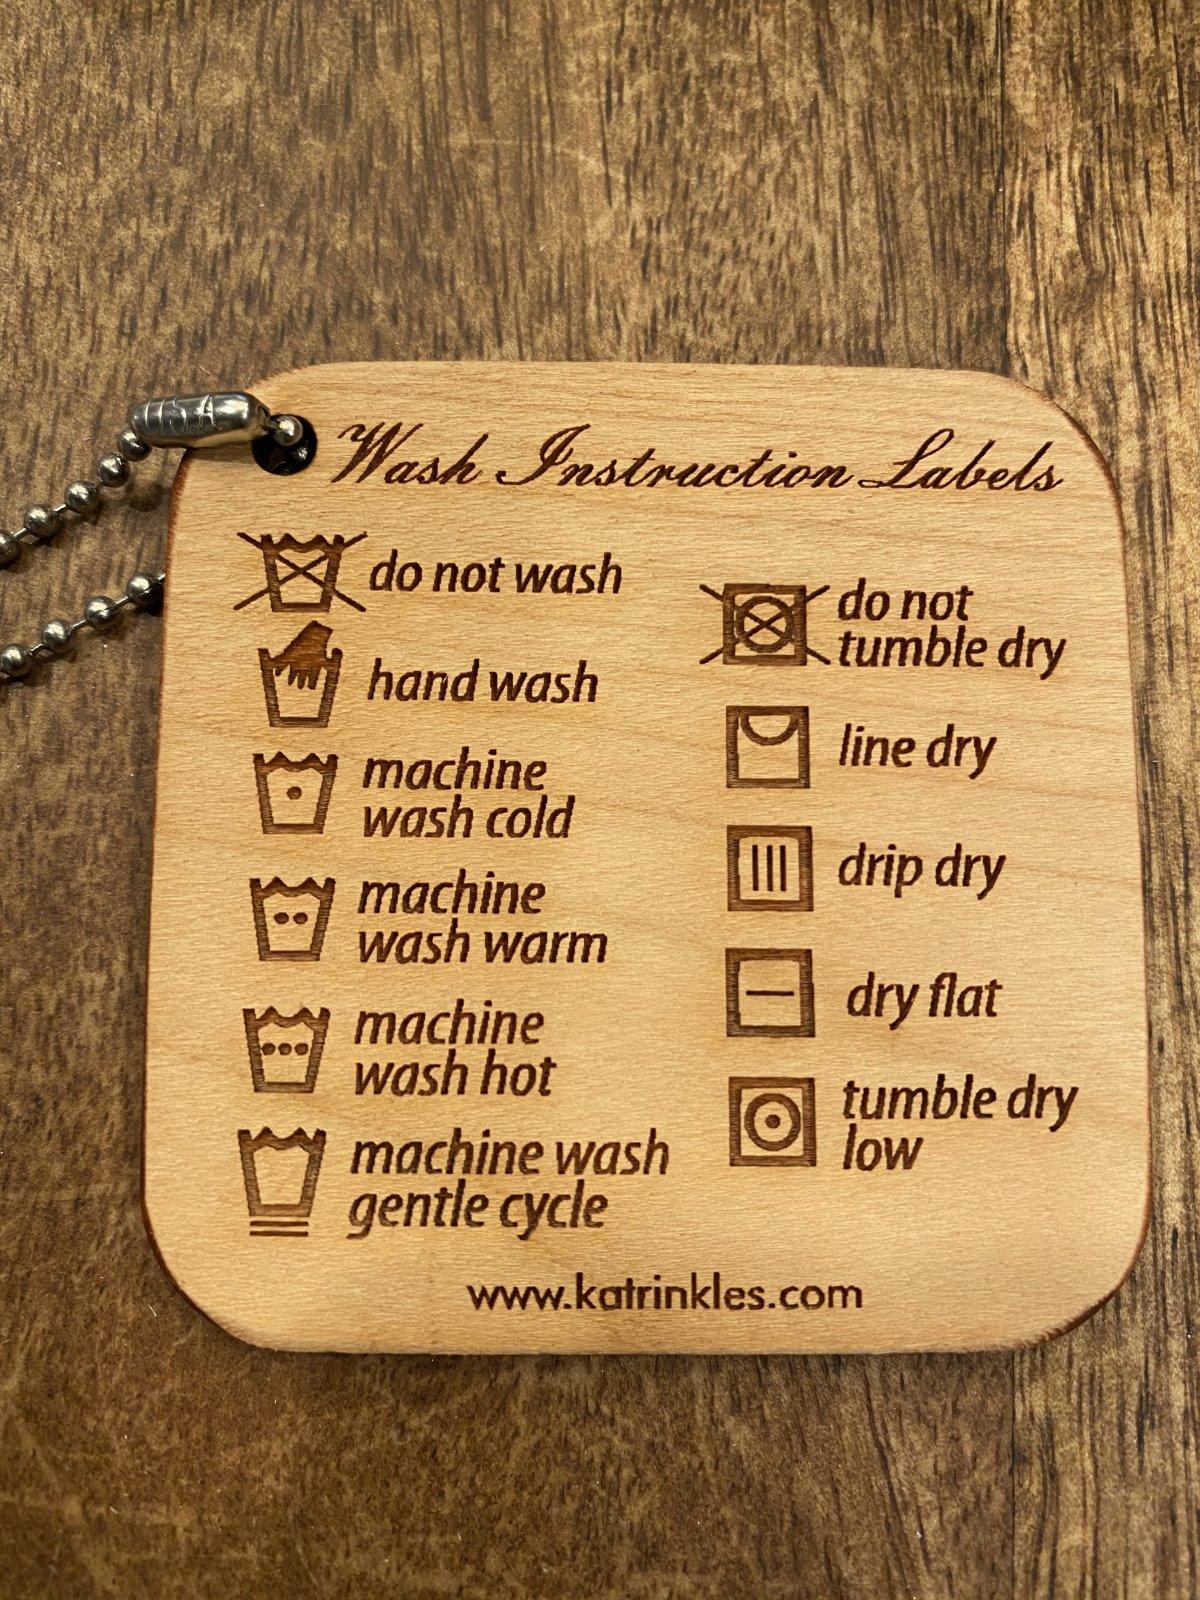 Washing Instruction Labels